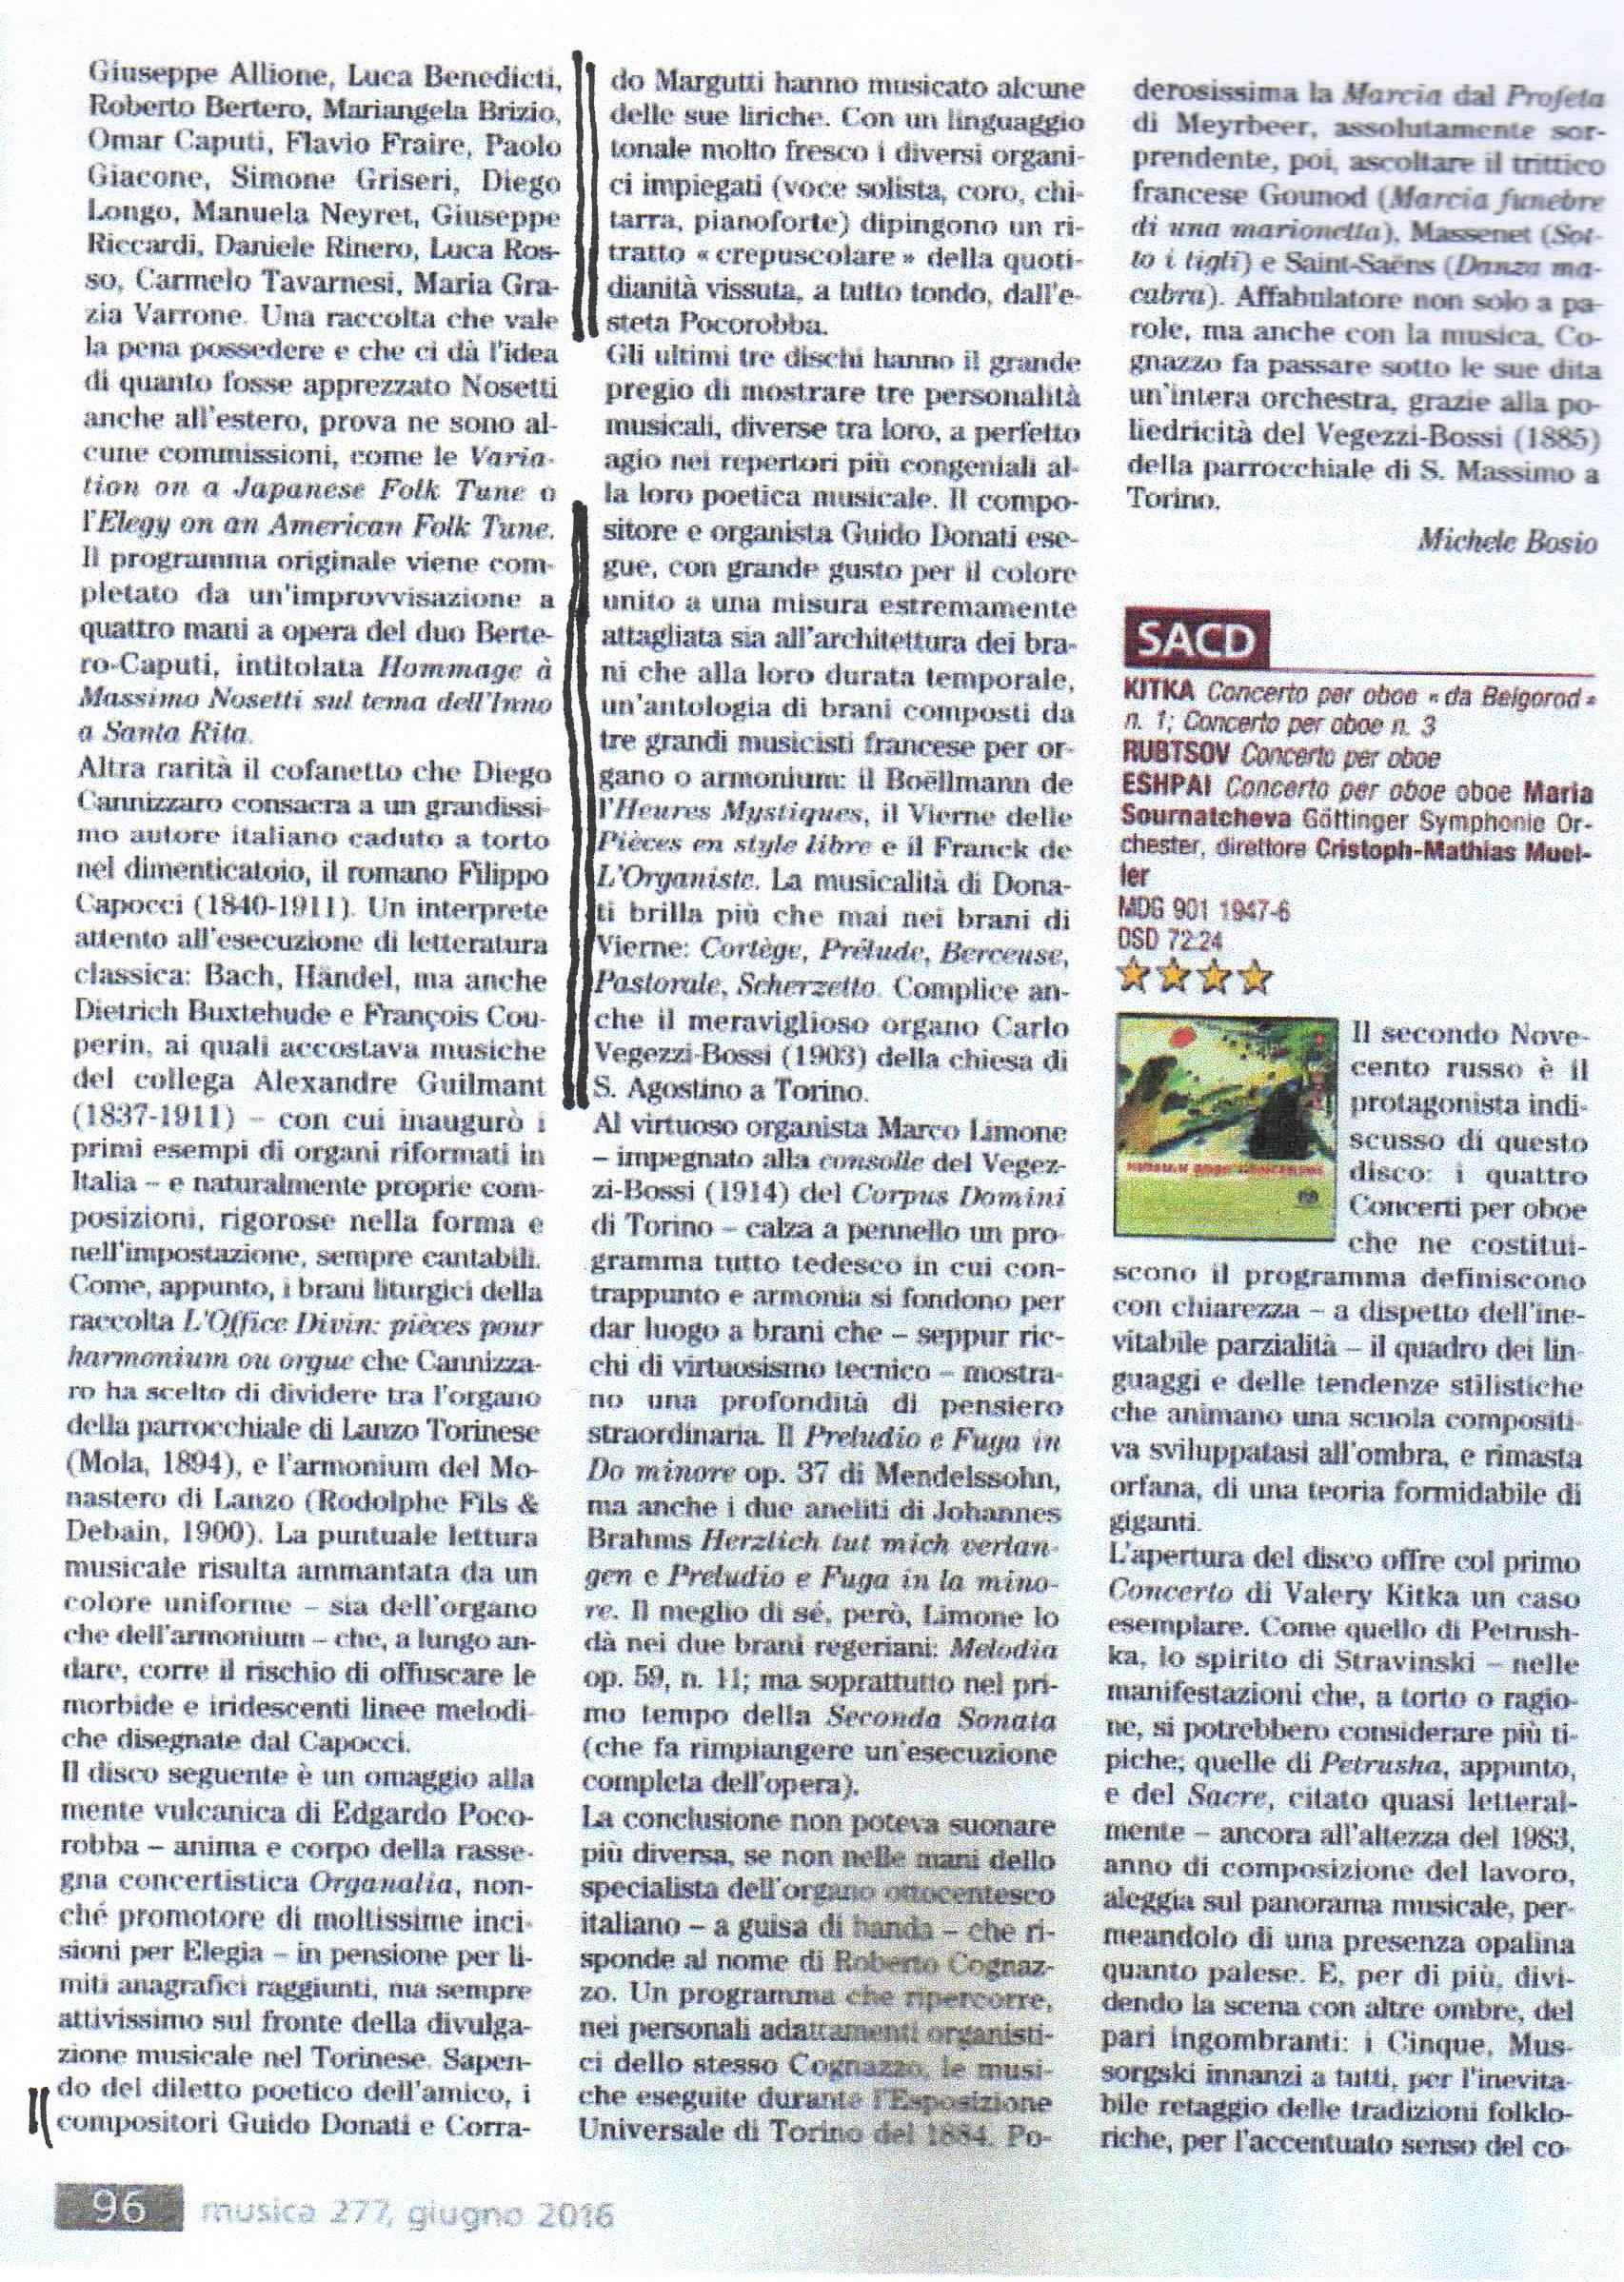 Guido Donati_recensione musica giugno 2016_2 parte